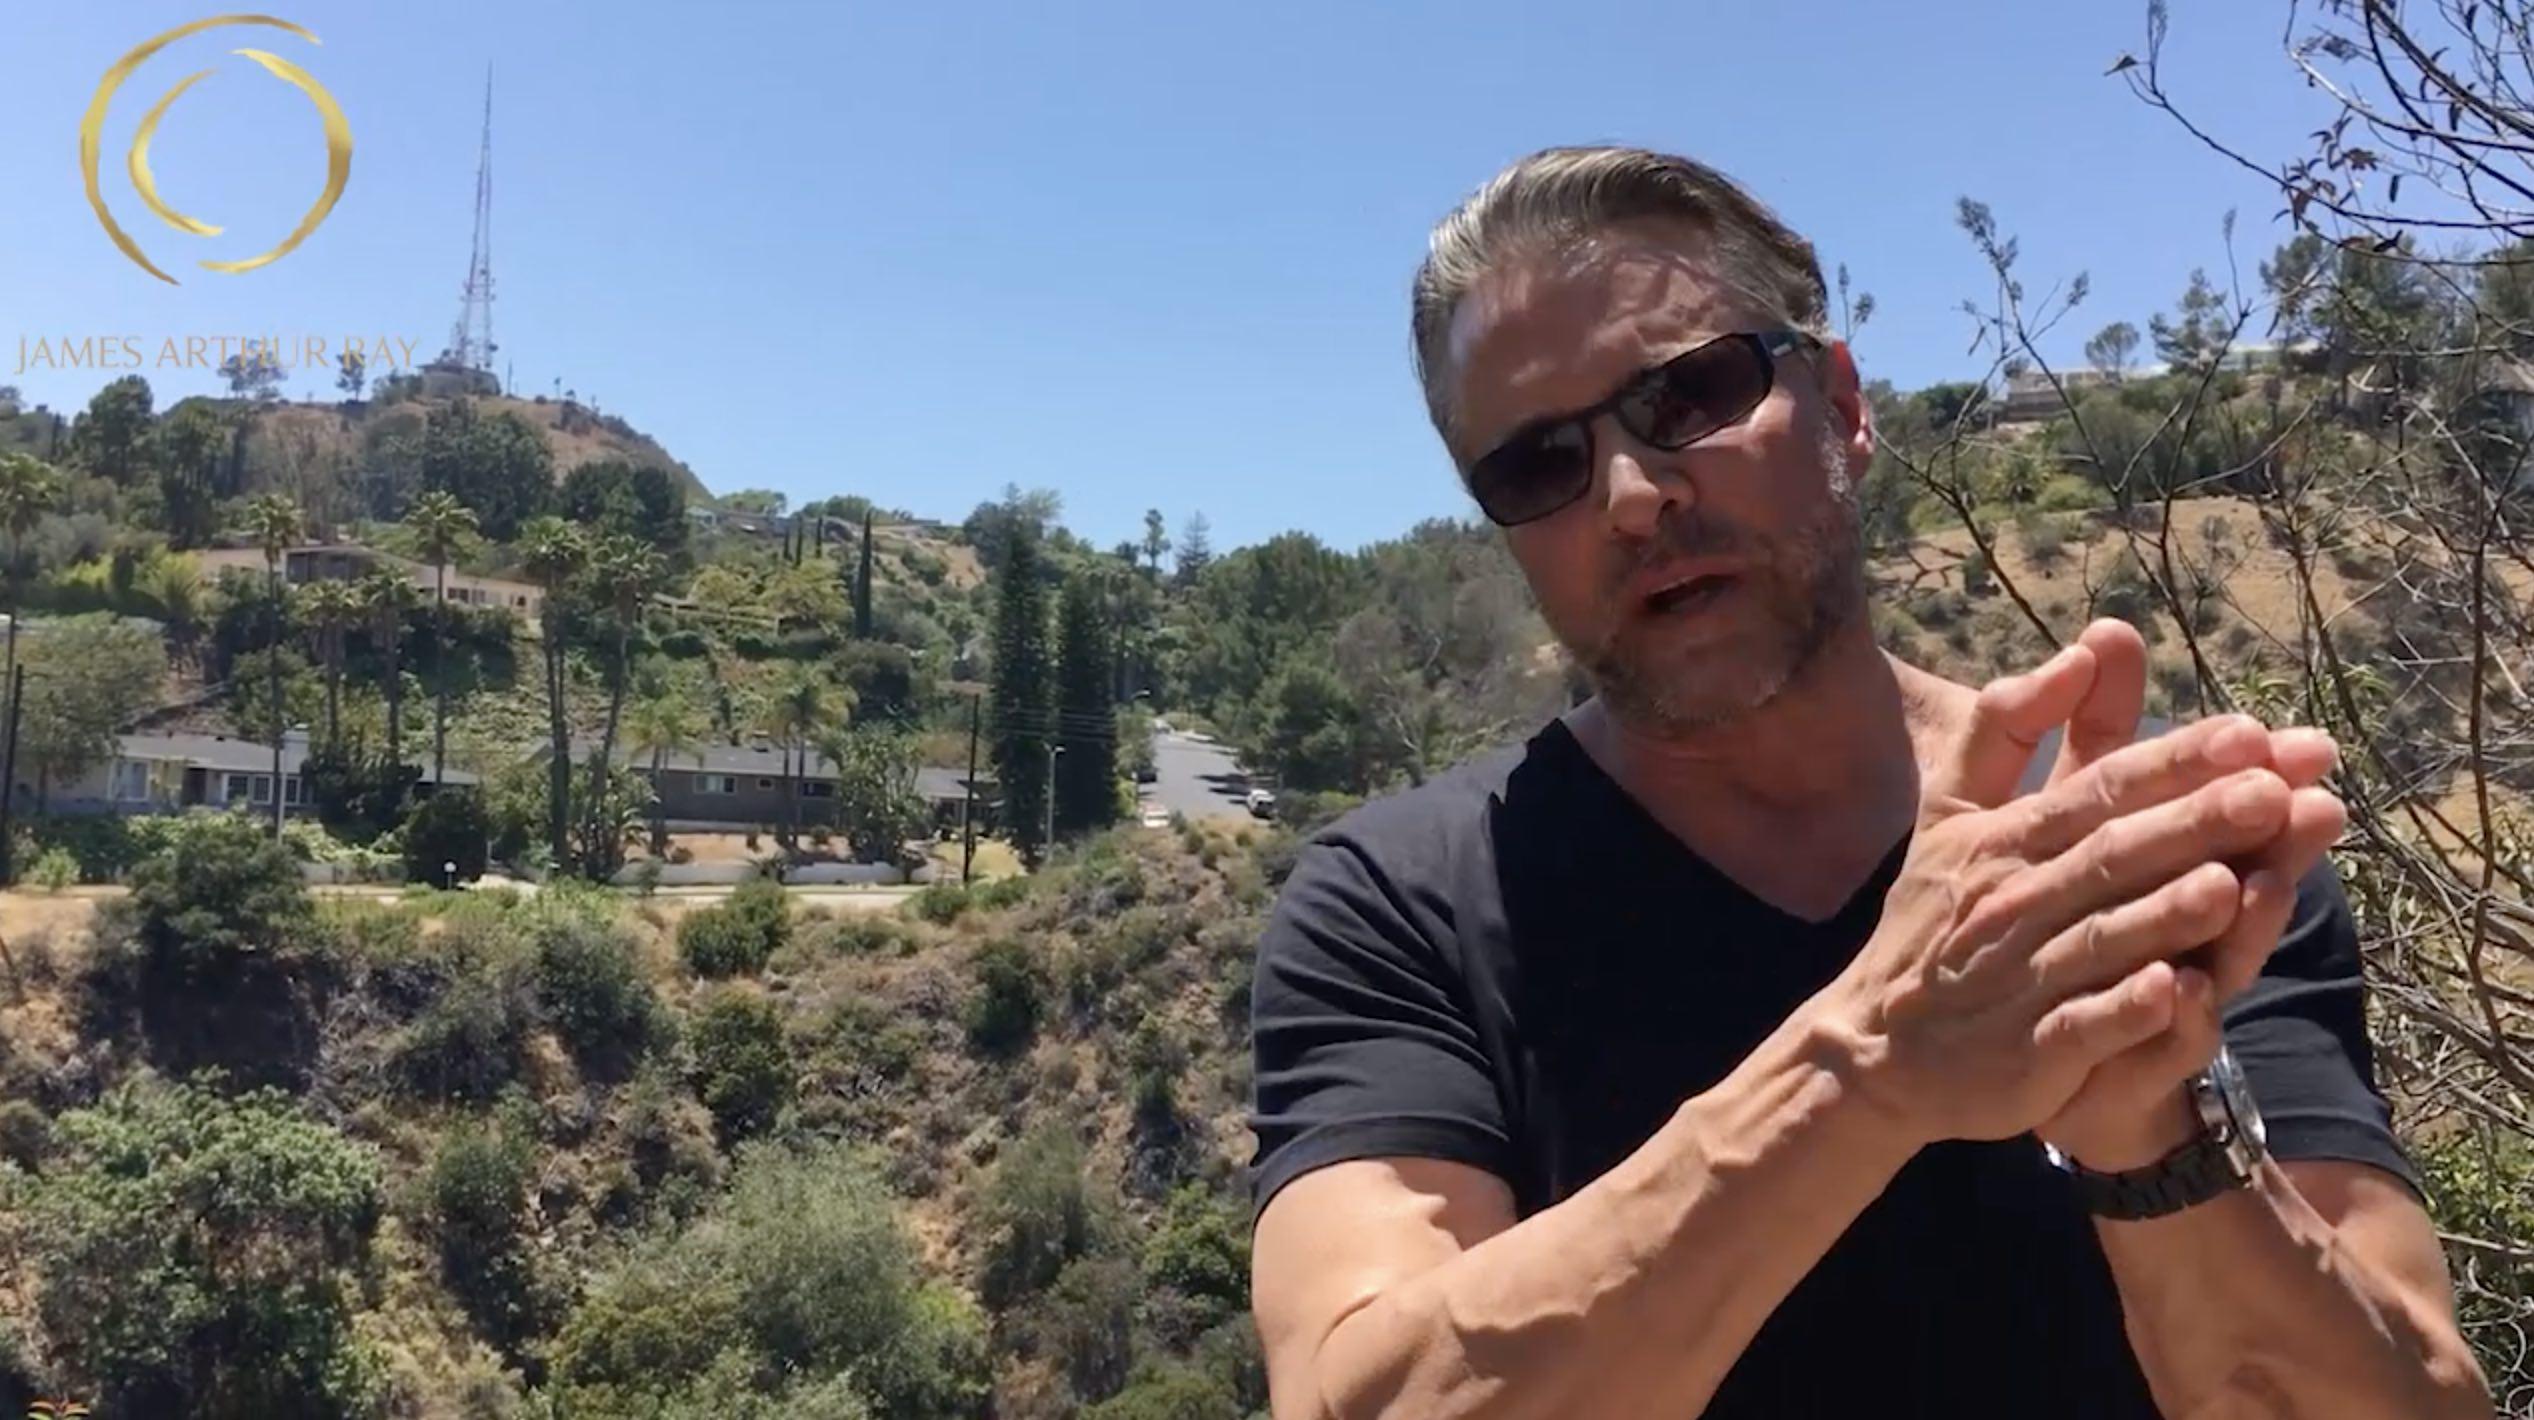 video-spiritual-entrepreneur-mean-james-arthur-ray